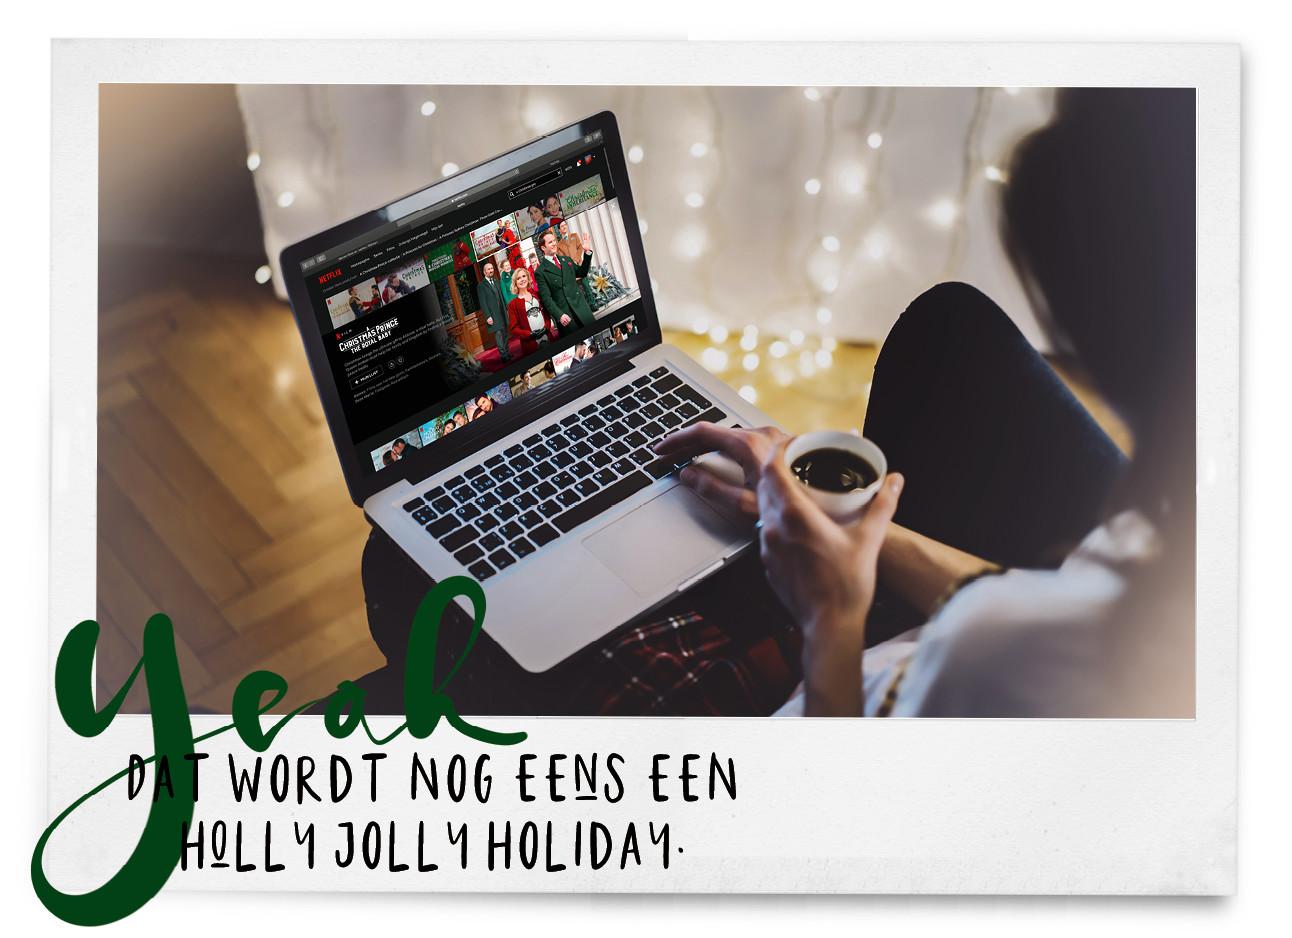 een meisje met een laptop scherm op haar schoot